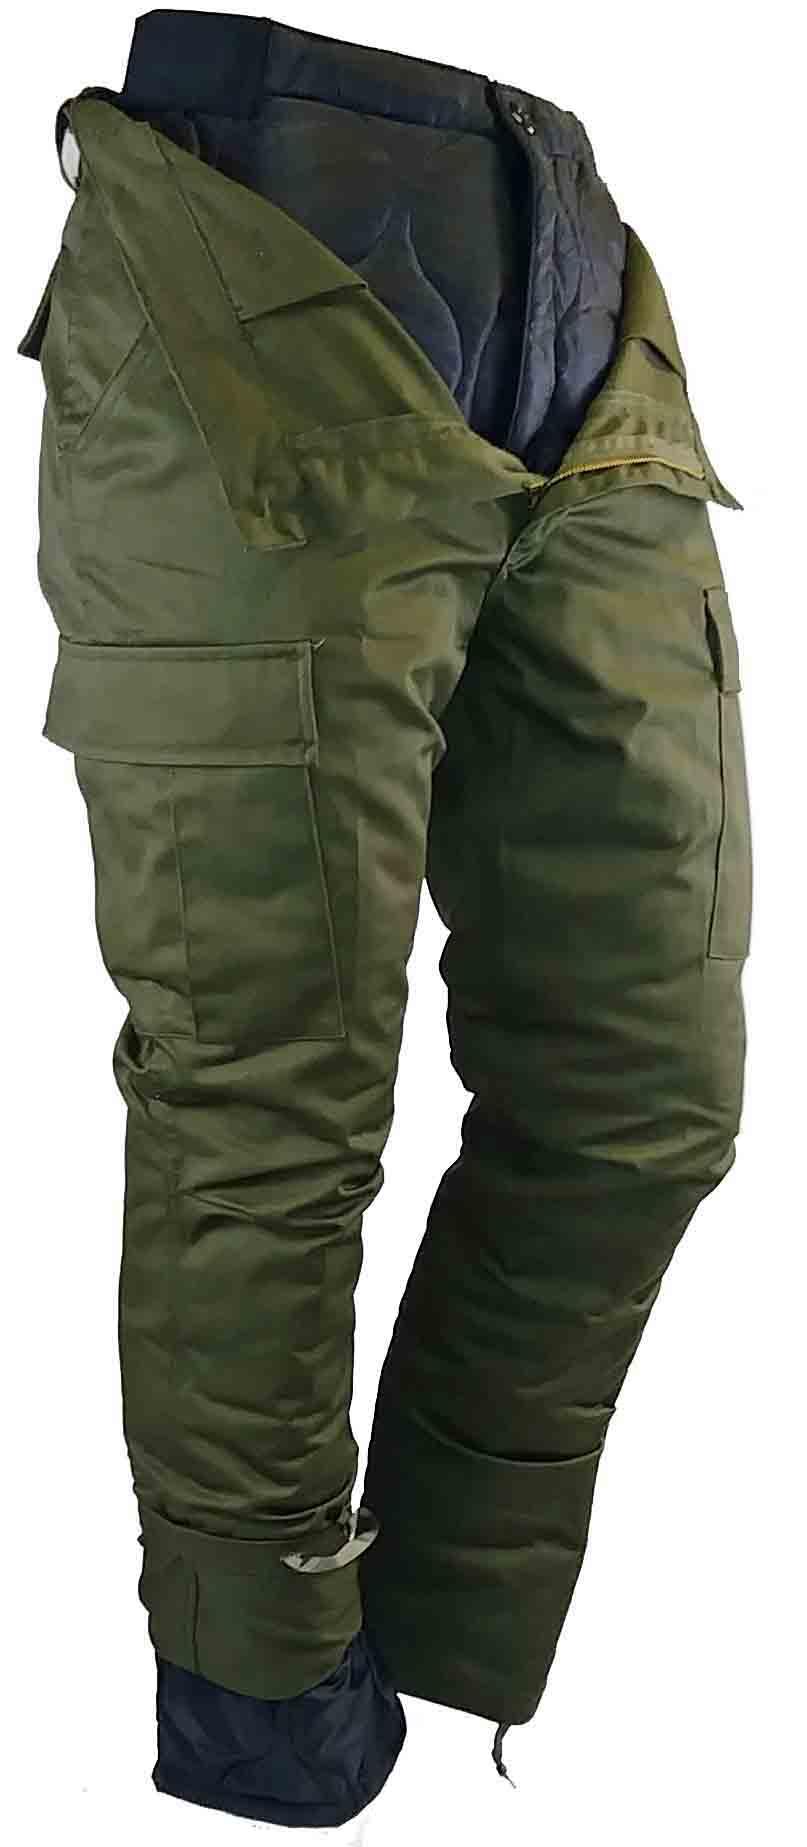 Pantalon de combat doublé. Olive drab